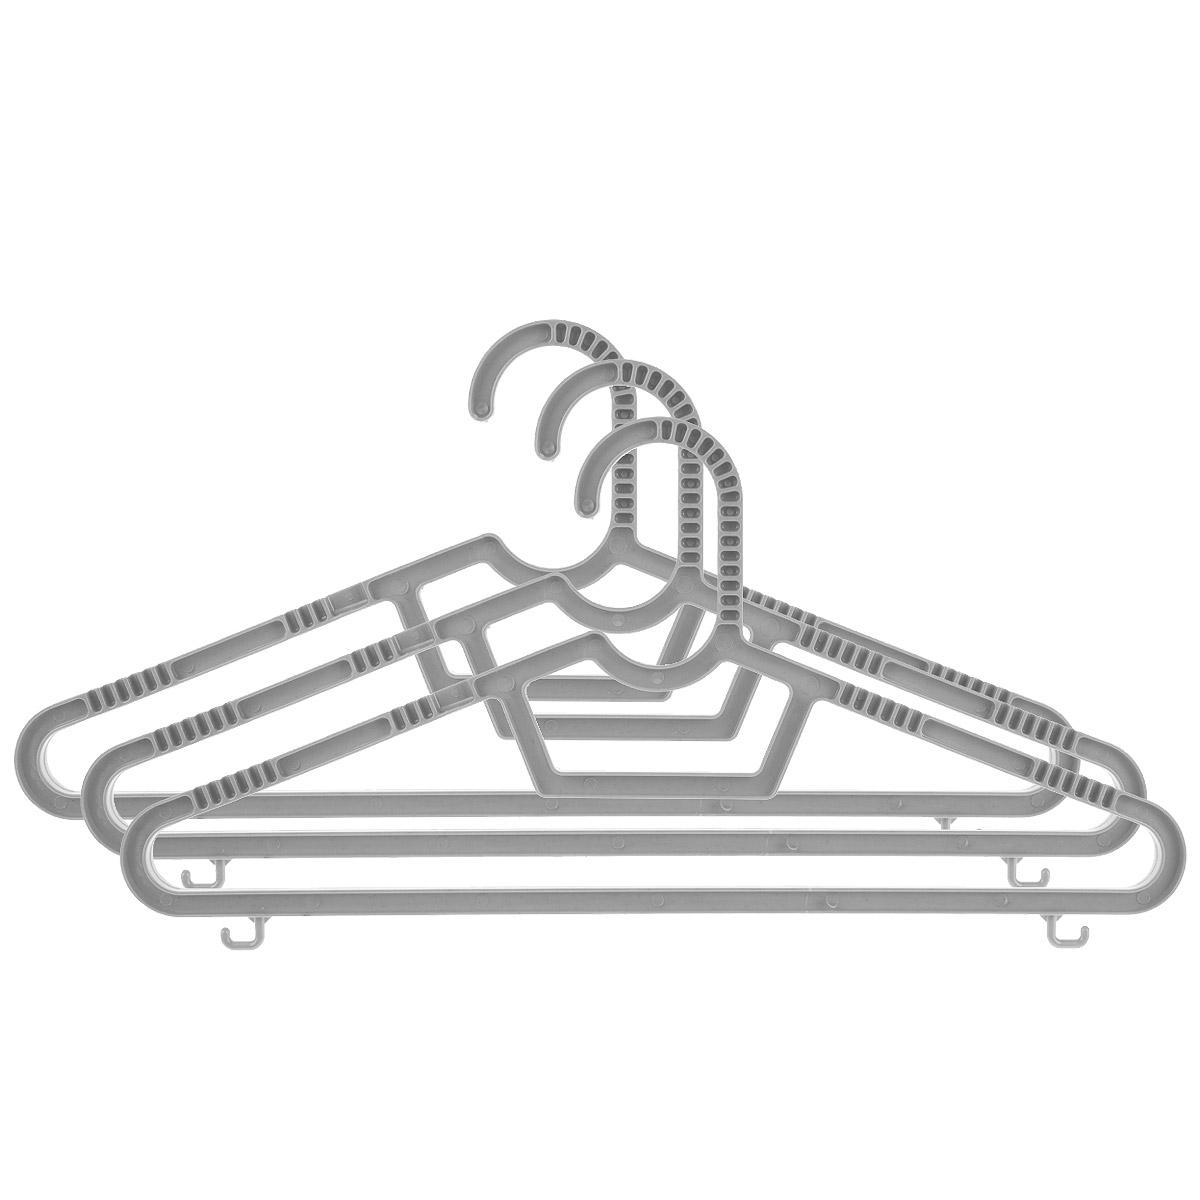 Набор вешалок Полимербыт, с перекладиной, с крючками, цвет: серый, размер 40-42, 3 штЯФ0156Набор вешалок Полимербыт выполнен из пластика. Изделия оснащены перекладинами и крючками.Вешалка - это незаменимая вещь для того, чтобы ваша одежда всегда оставалась в хорошем состоянии.Комплектация: 3 шт. Размер одежды: 40-42.